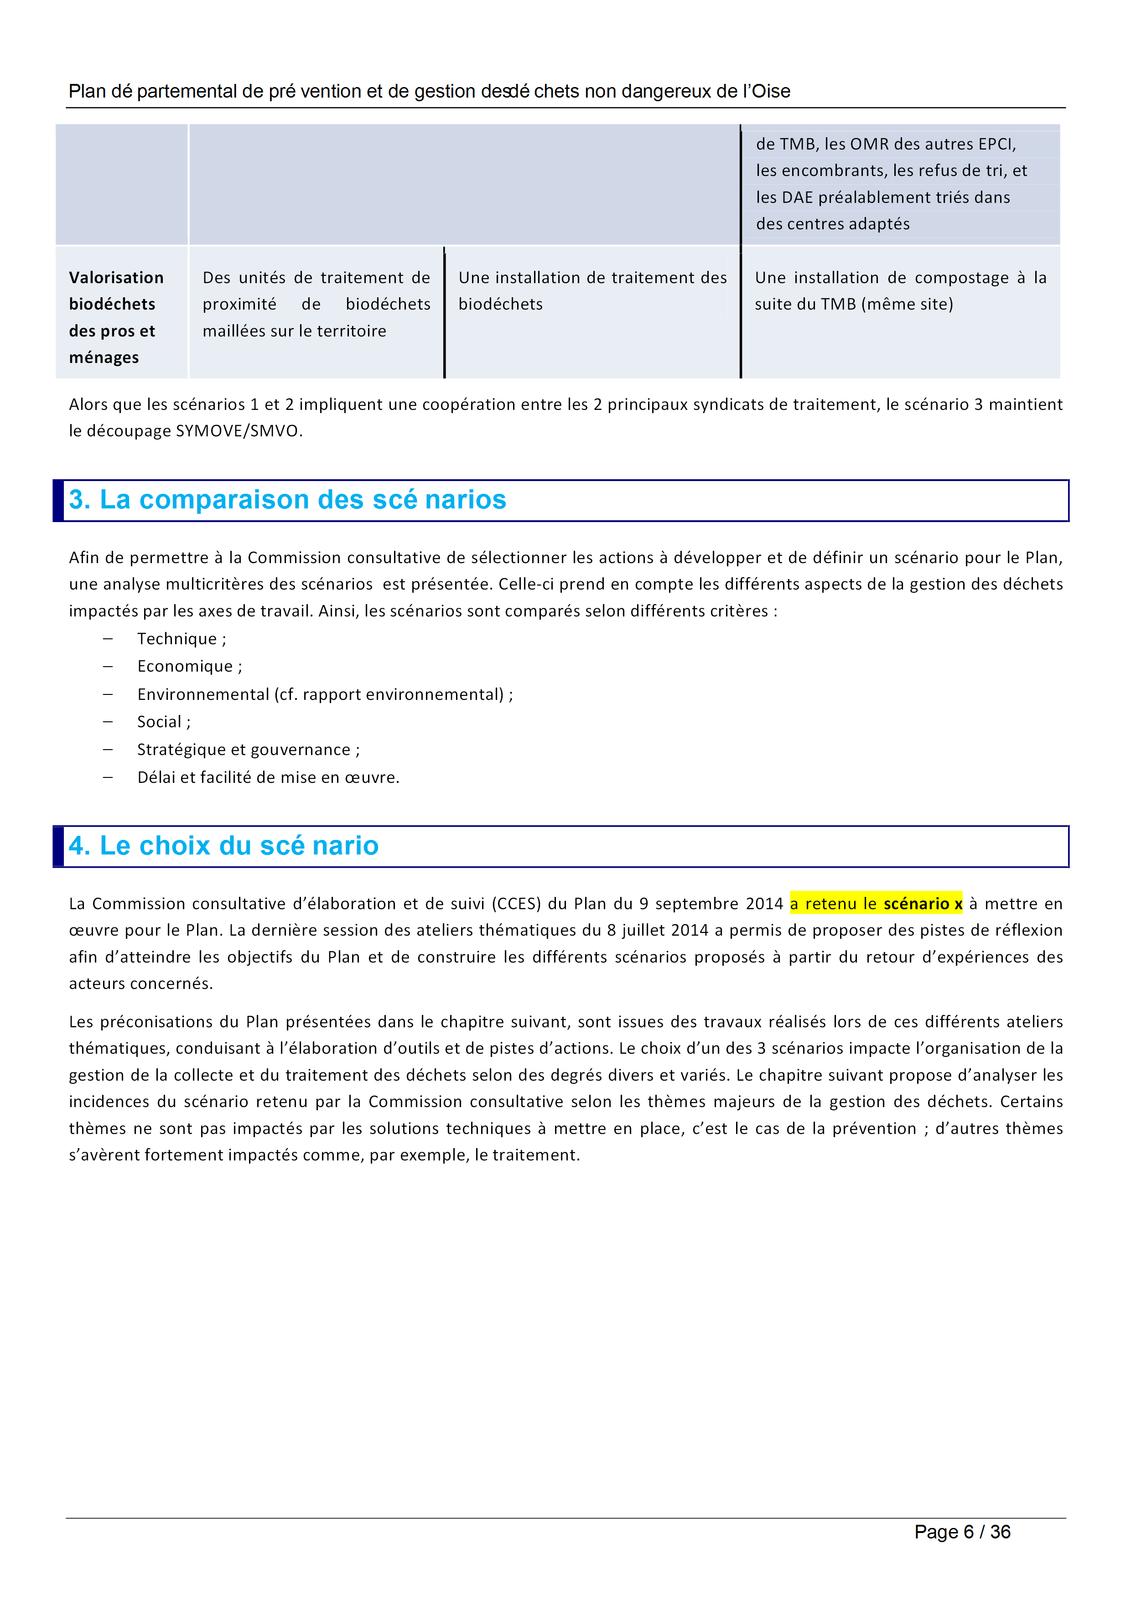 Le plan départemental de prévention et de gestion des déchets non dangereux - proposisions et scénarios